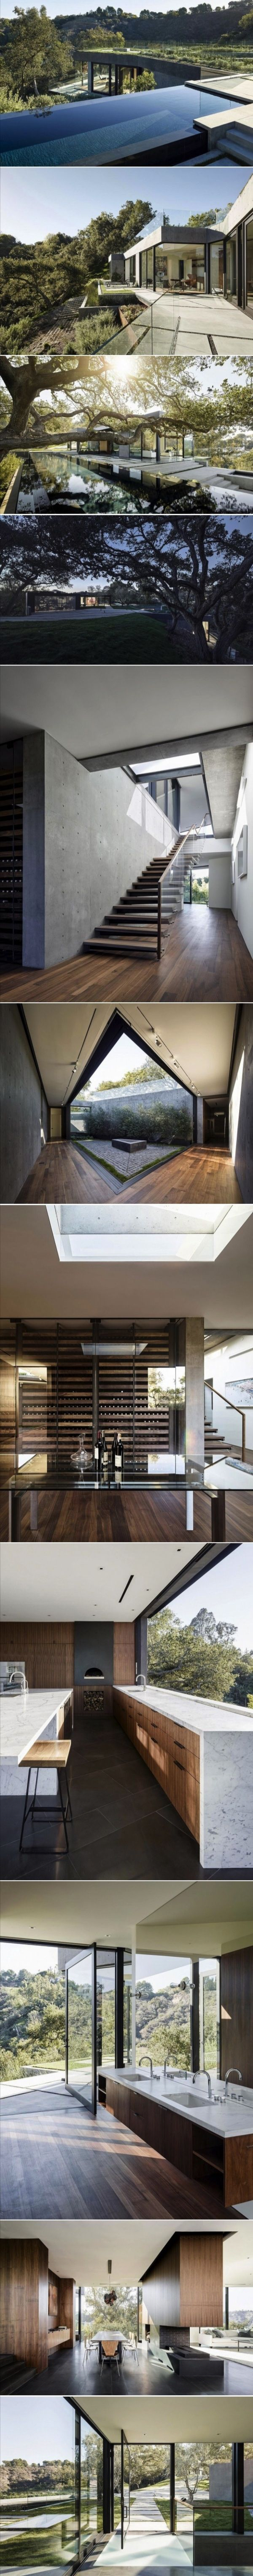 Una alternativa más moderna de construcción campestre, preséntanos tu propuesta…